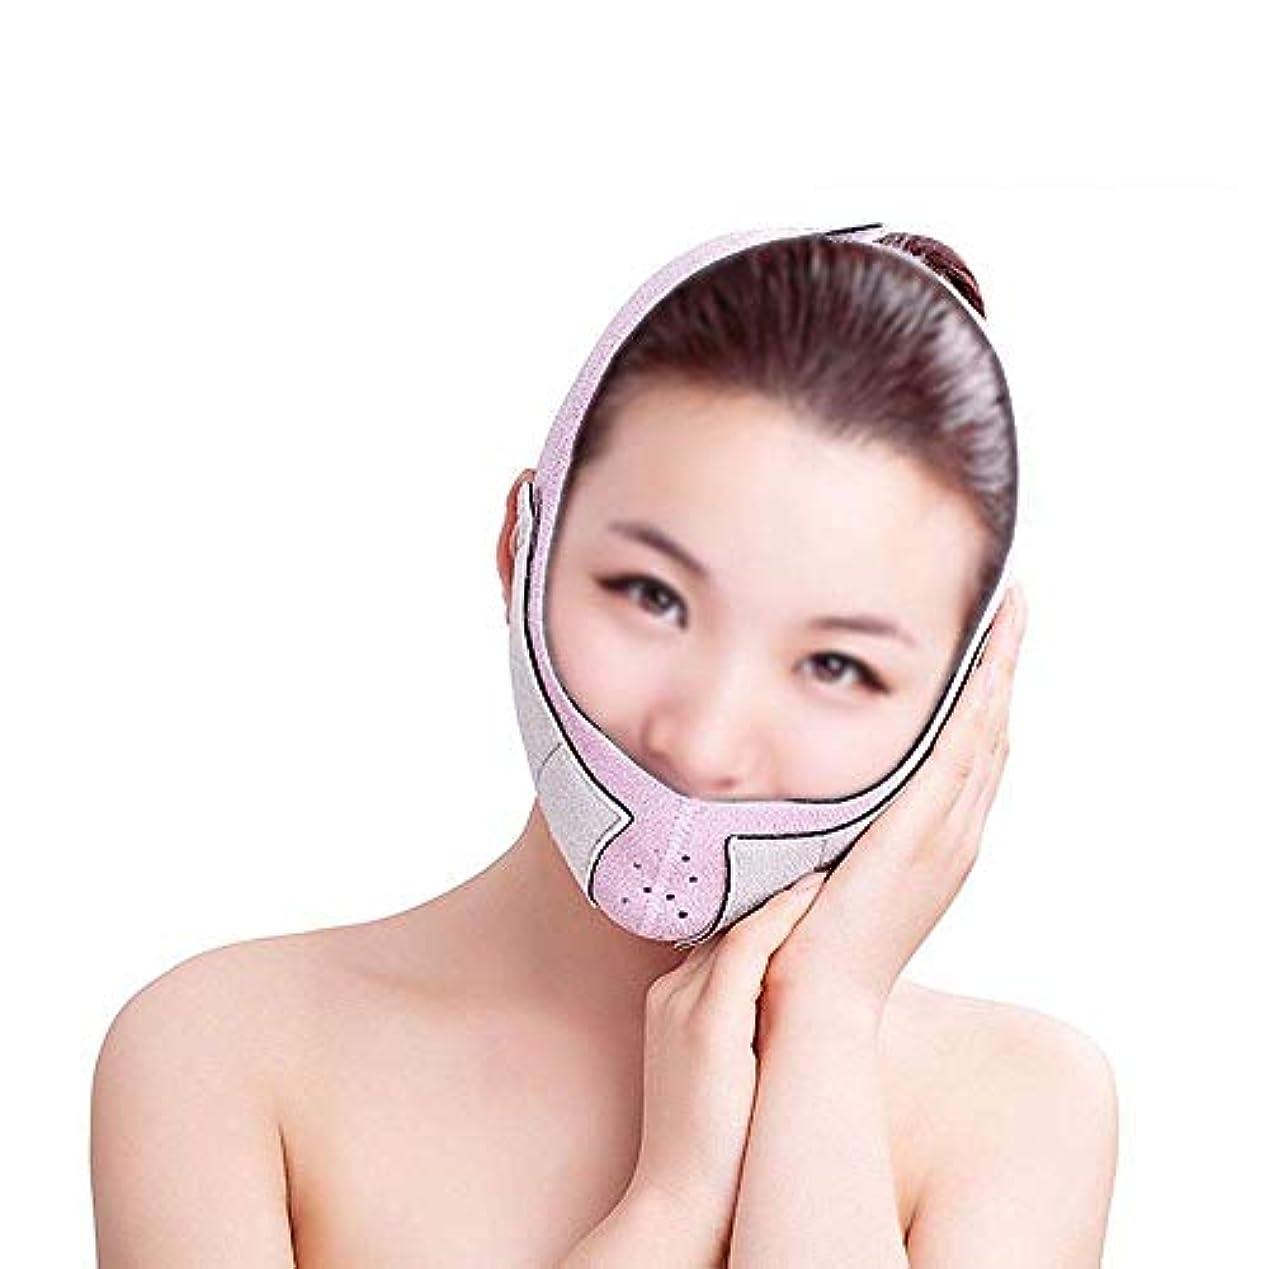 悩み王女正確さフェイスリフトマスク、スリミングベルト薄いフェイスマスク強力なリフティング小さなV顔薄い顔包帯美容顔リフティングデバイス